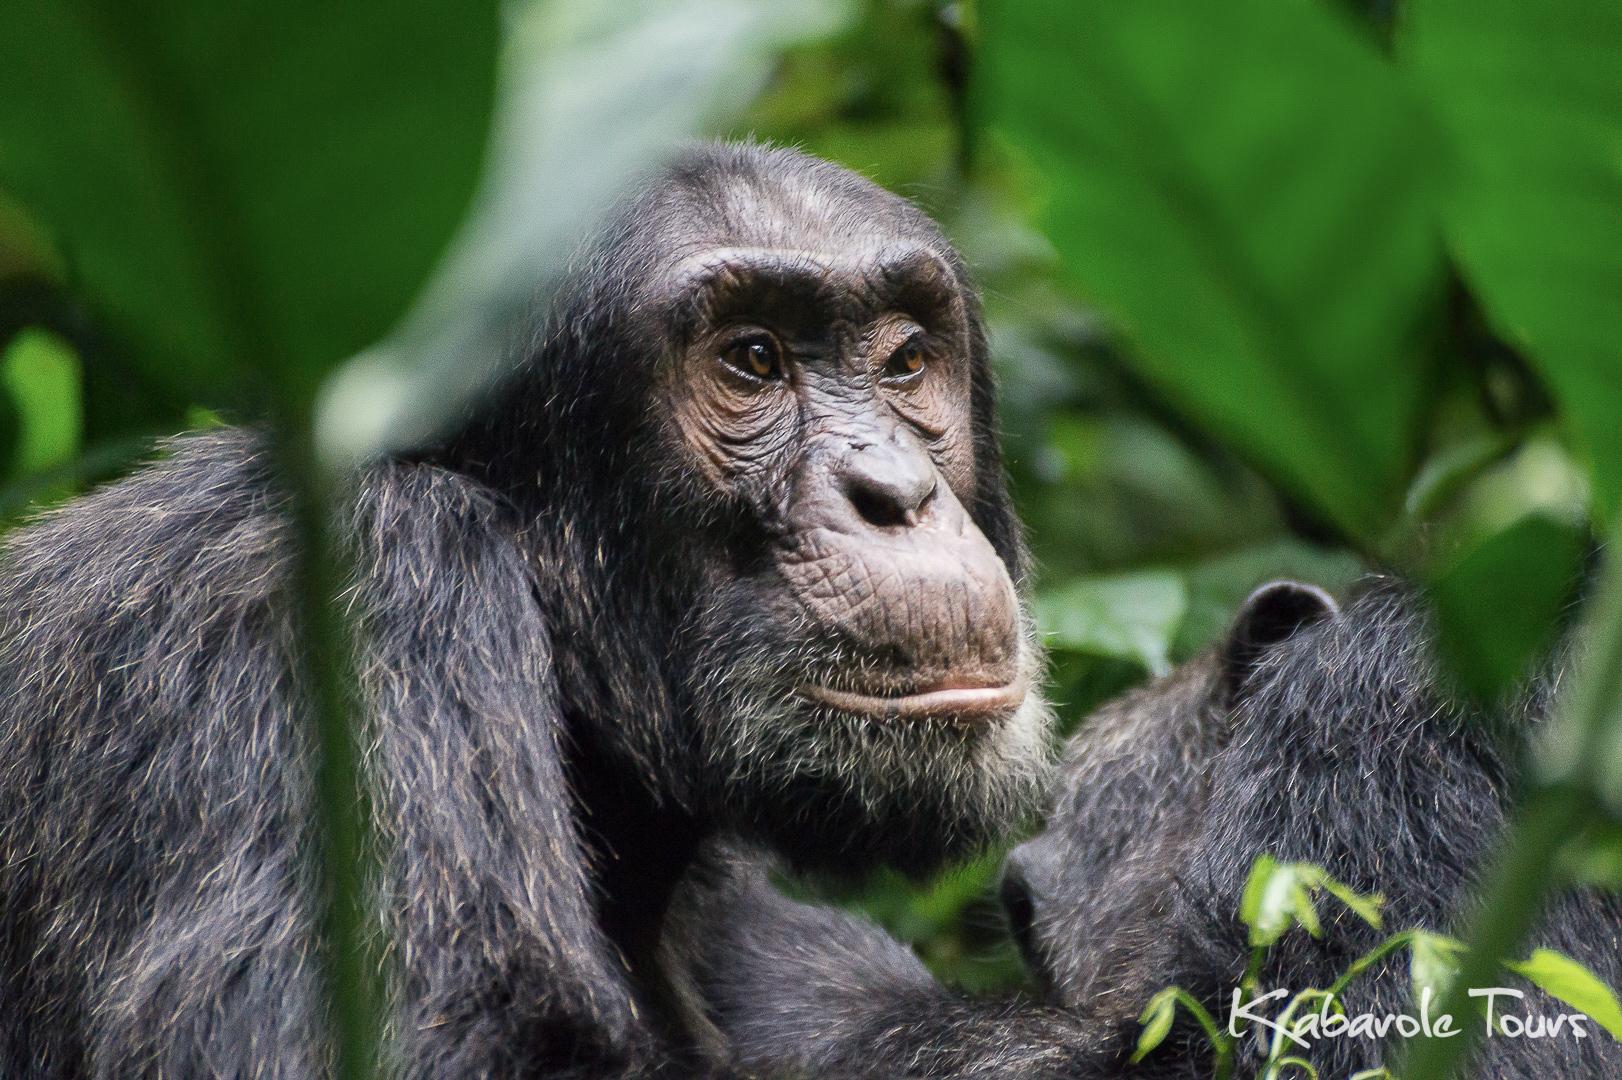 Kibale National Park    Die Dichte und Vielfalt an Primaten im Kibale Forest ist die höchste in ganz Afrika. Die berühmtesten von den 13 Affenarten sind die Schimpansen, unsere nächsten Verwandten. Kibales 1450 Schimpansen sind die größte Gruppe der gefährdeten Spezies in Uganda. es leben auch noch andere Säugetiere im Wald, werden jedoch nur selten gesehen, wie z.B. Büffel, Leoparden, Buschschweine, Elefanten und Ducker. Wenn man ganz genau schaut, kann man außerdem Amphibien, Reptilien und eine Reihe von bunten Schmetterlingen entdecken.